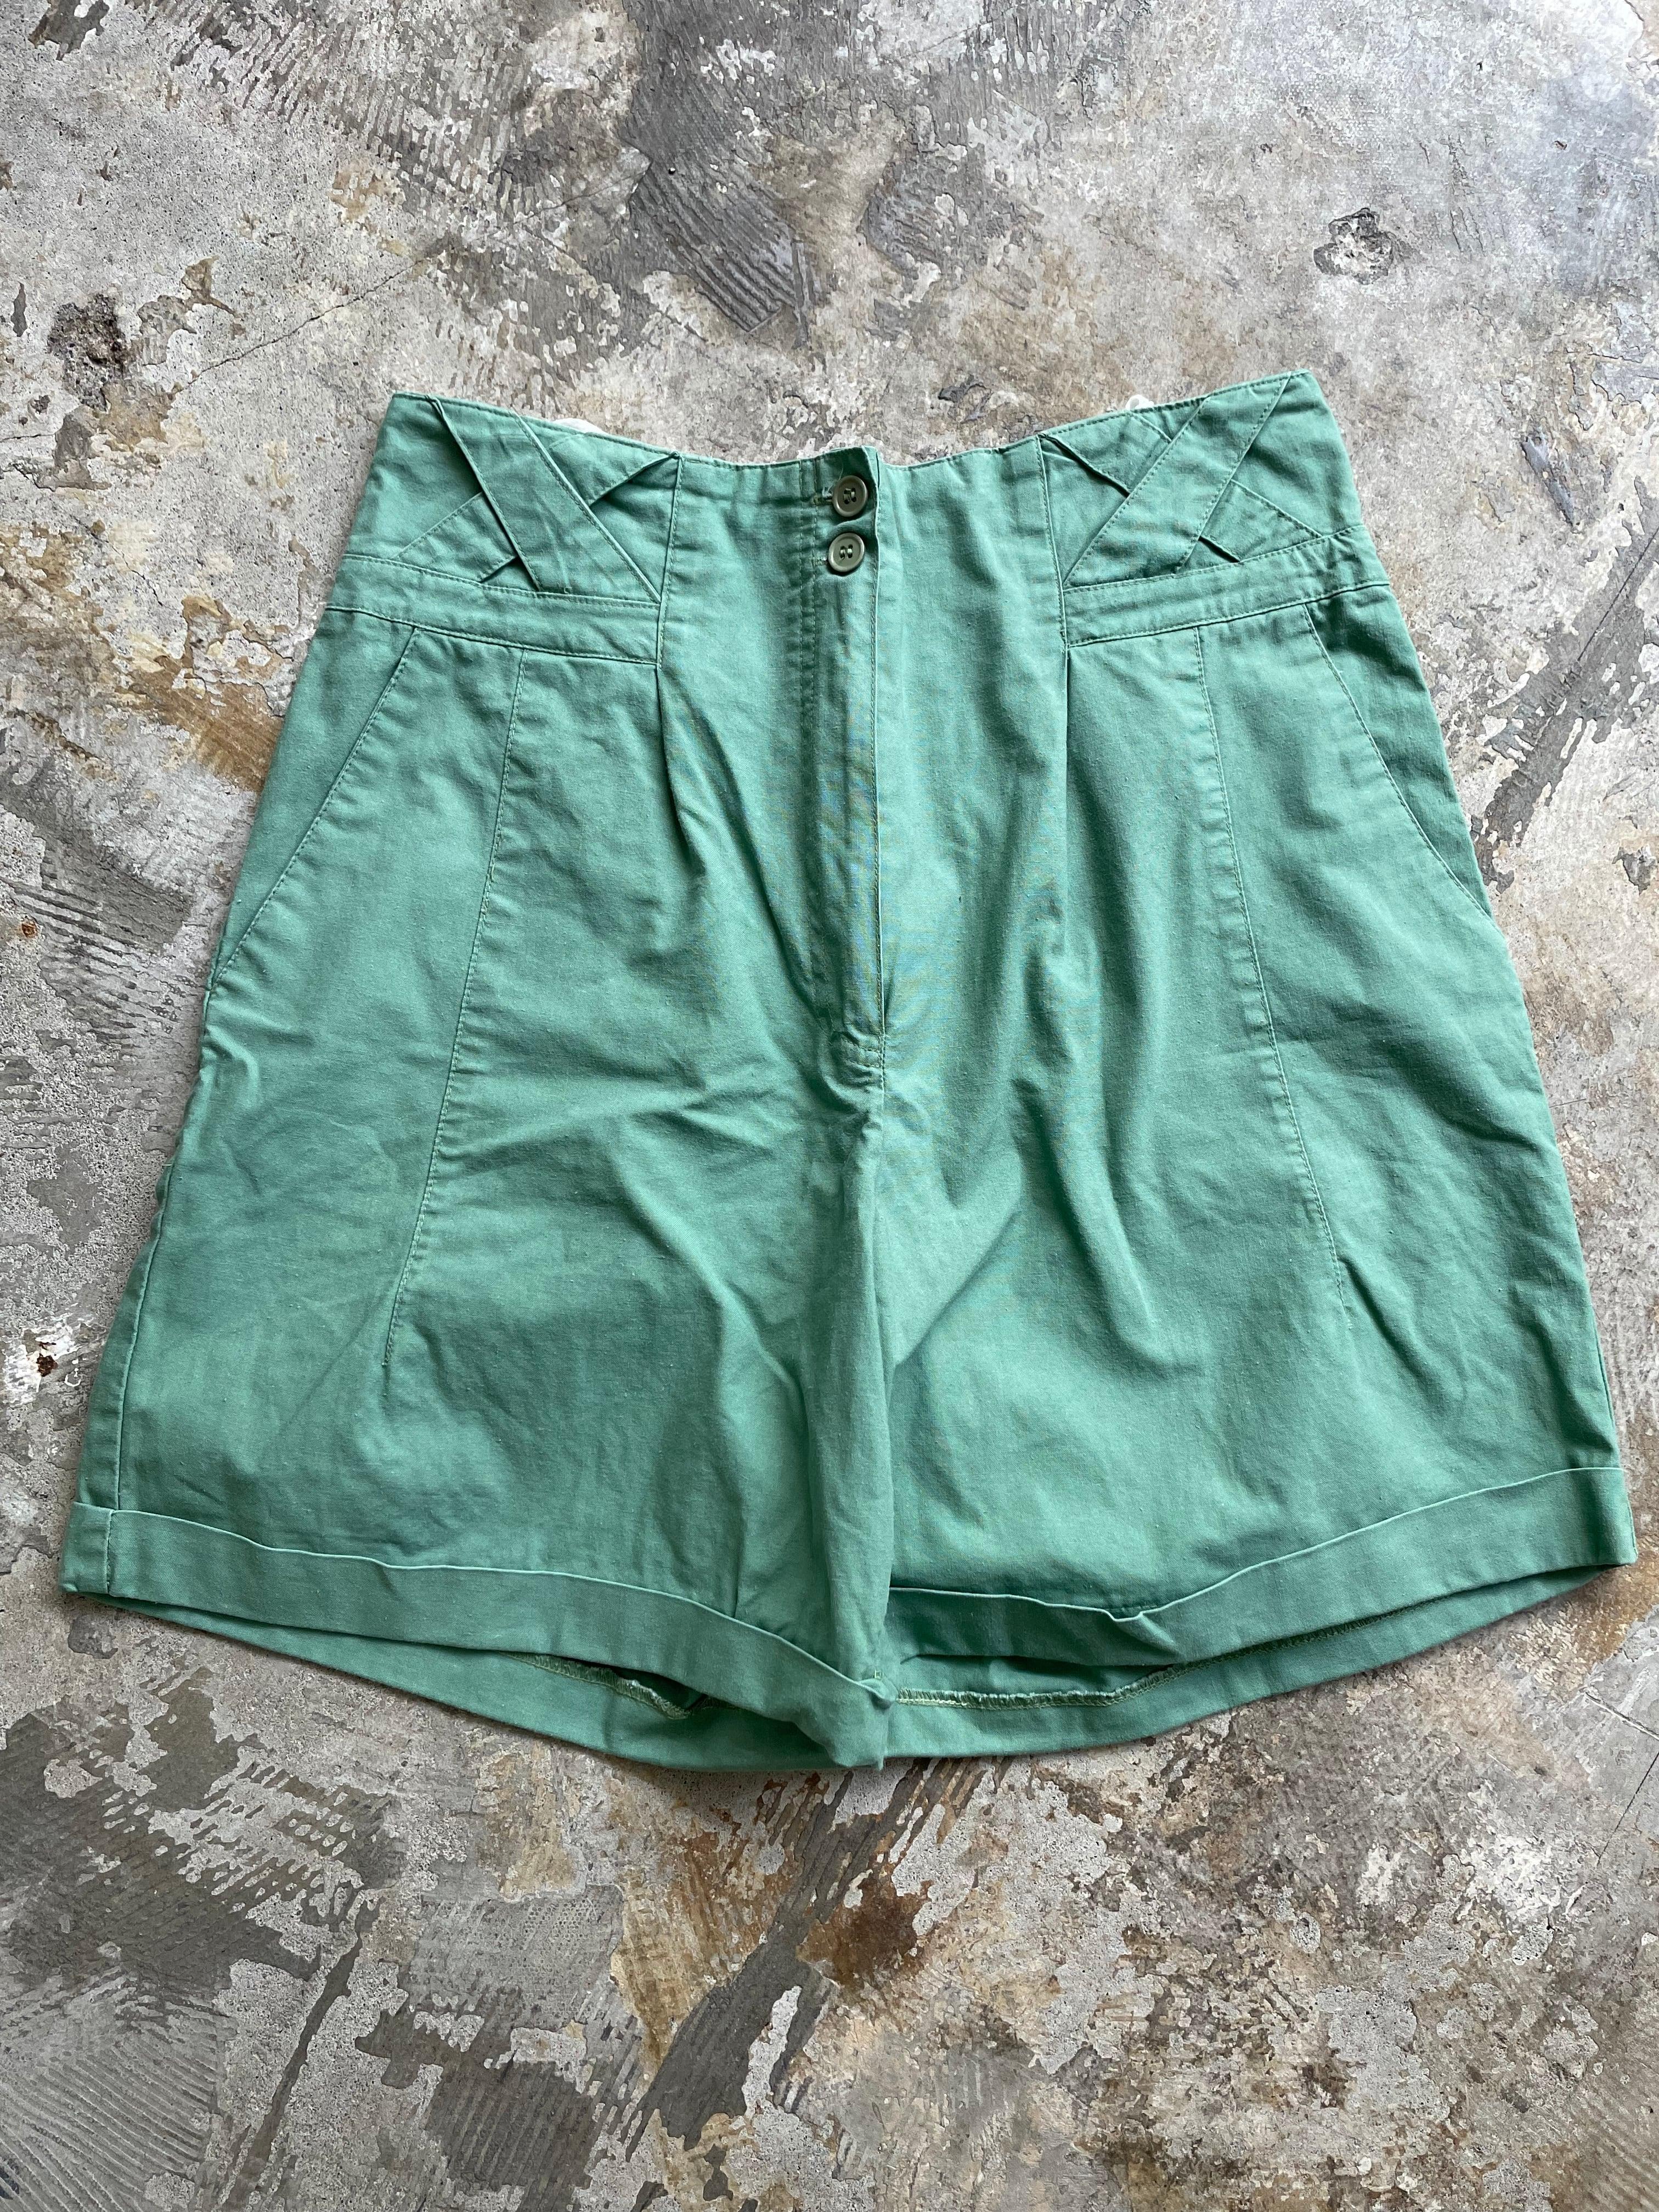 vintage half pants green